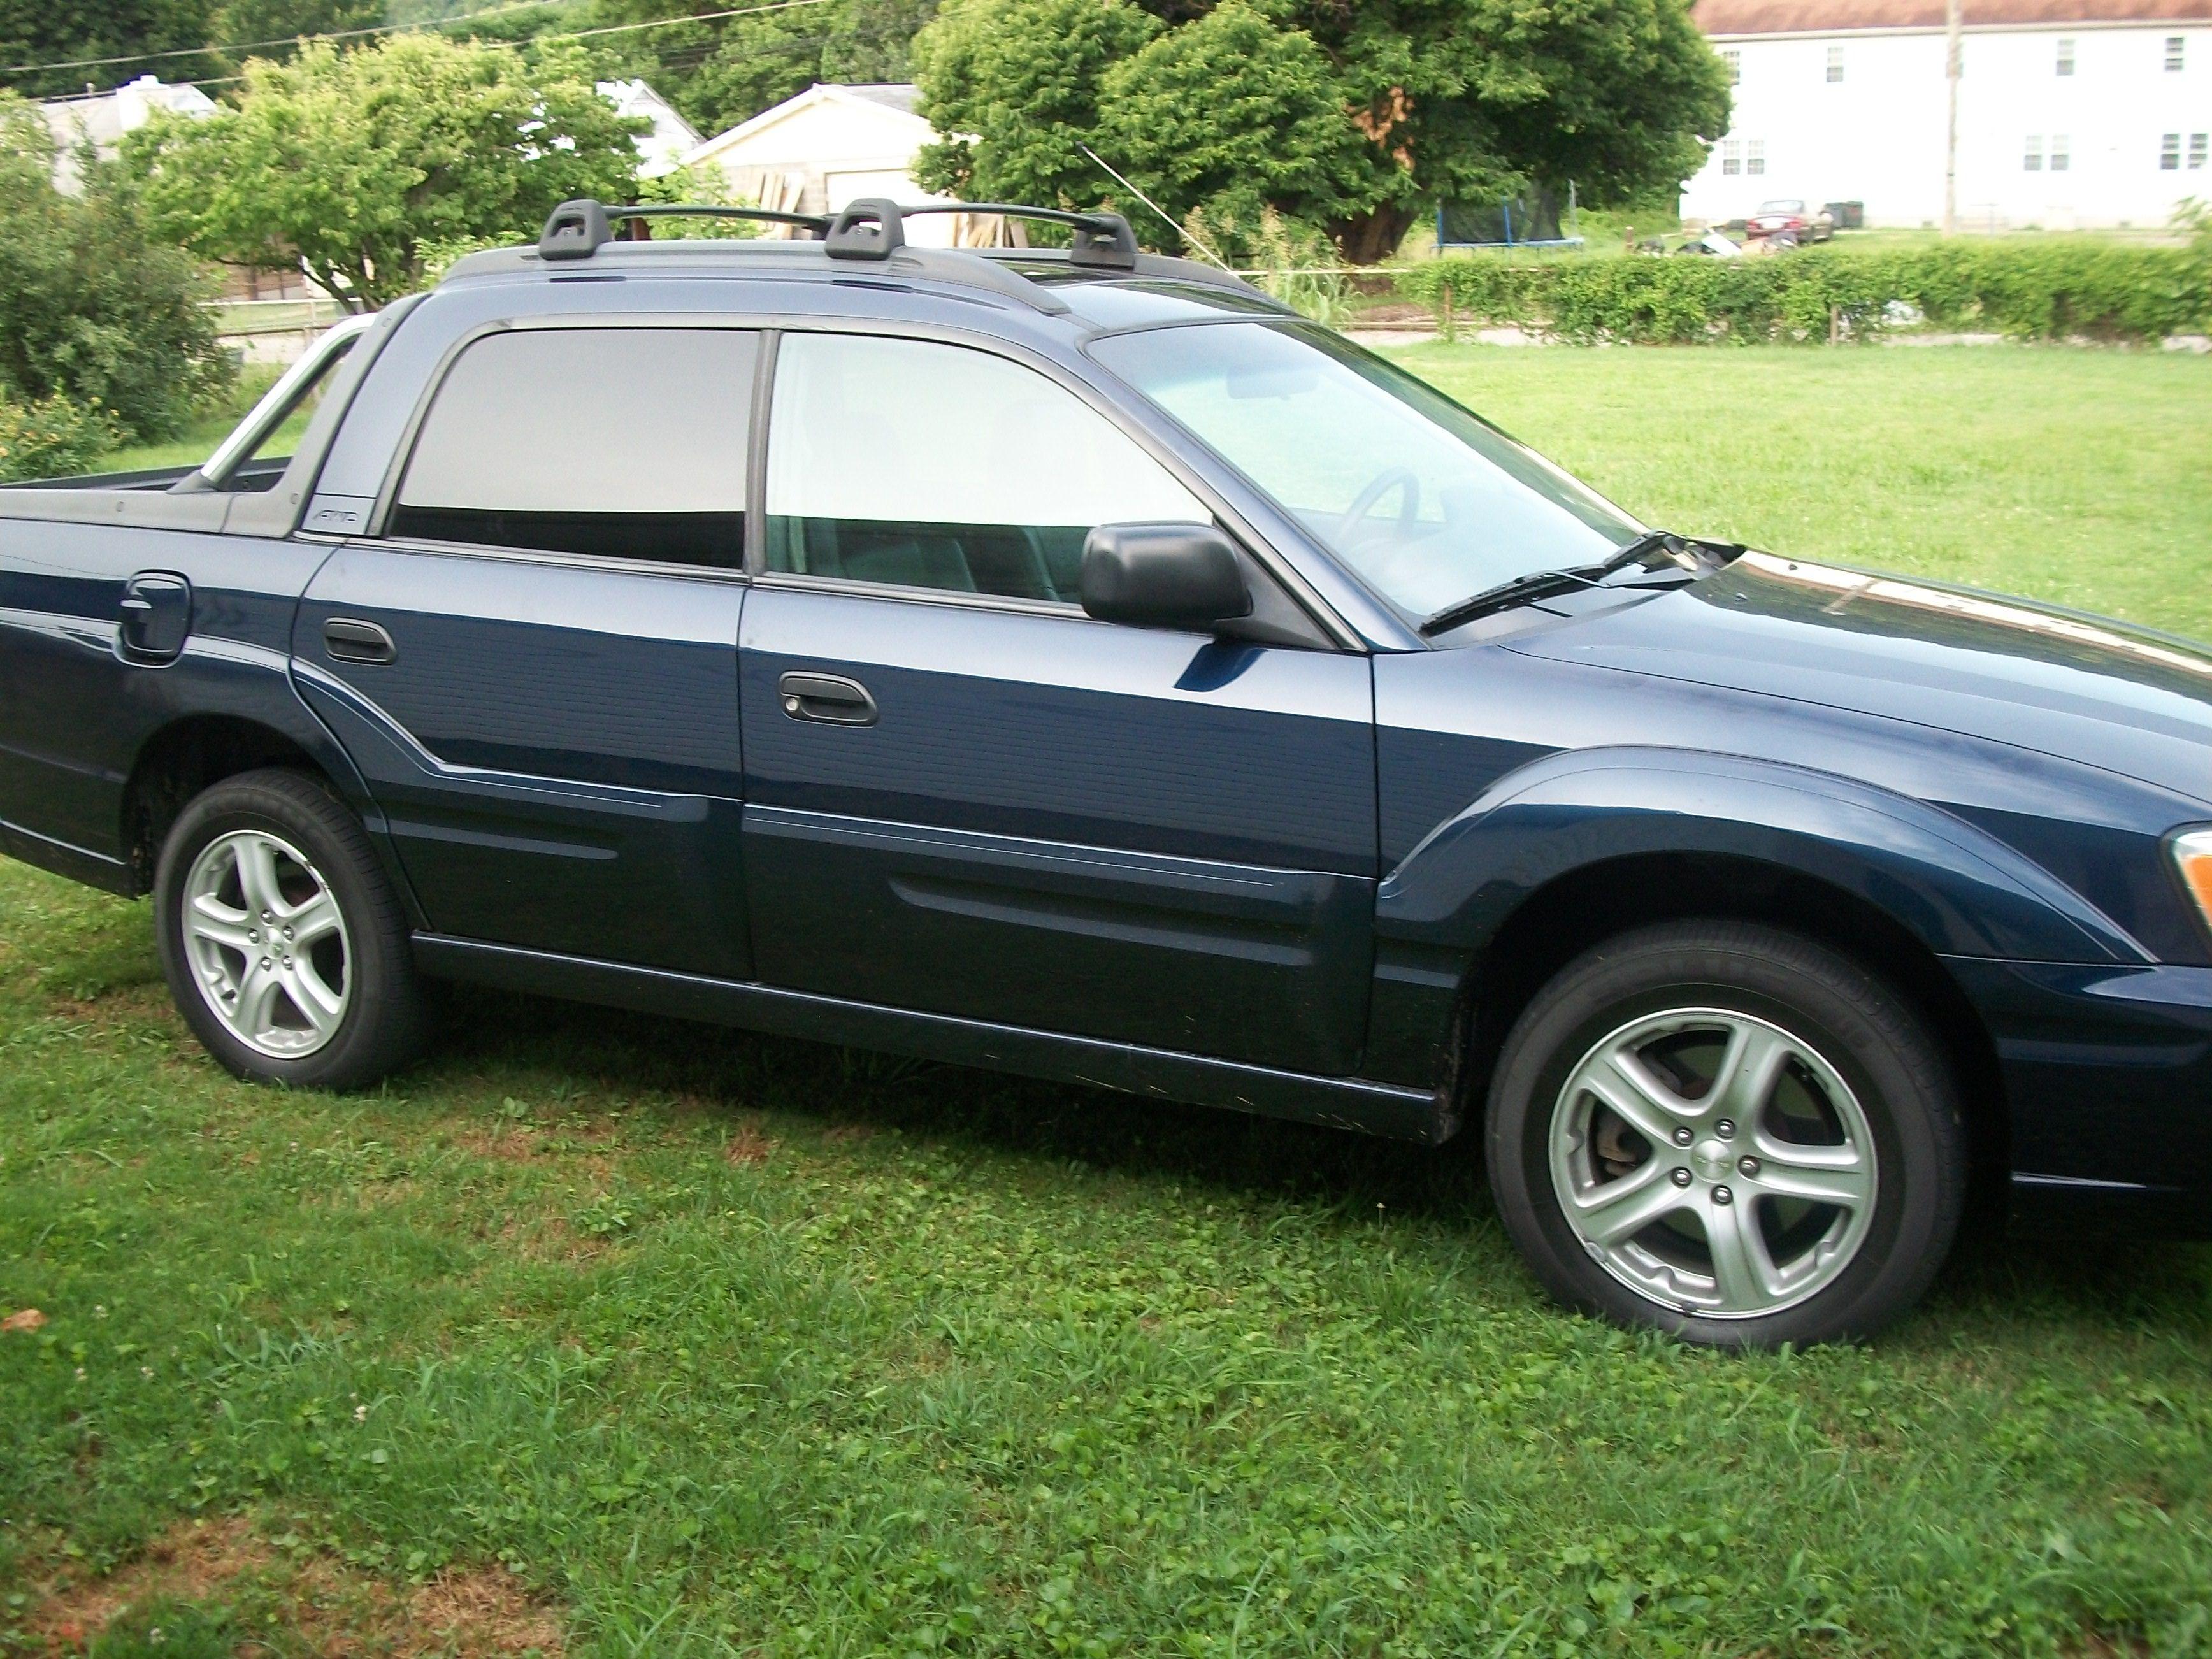 My current ride 2004 subaru baja bought in june 2010